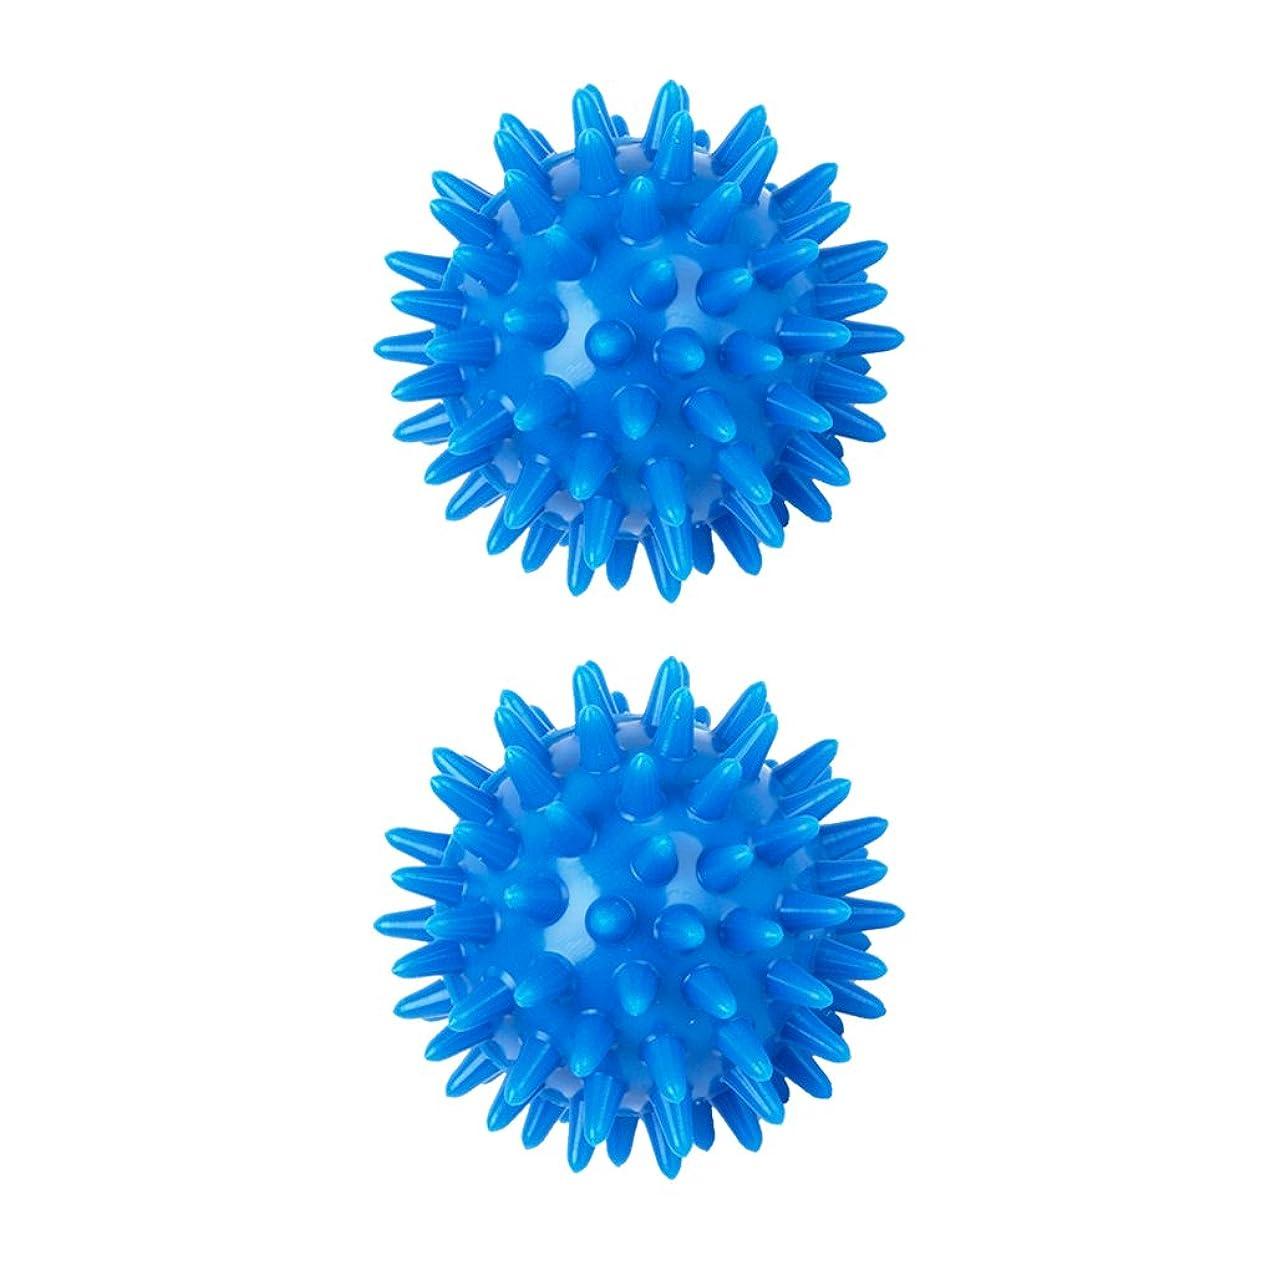 ワックスに対応する抽出sharprepublic 2個 足 足首 背中 マッサージボール 筋肉緊張和らげ 血液循環促進 5.5cm PVC製 ブルー